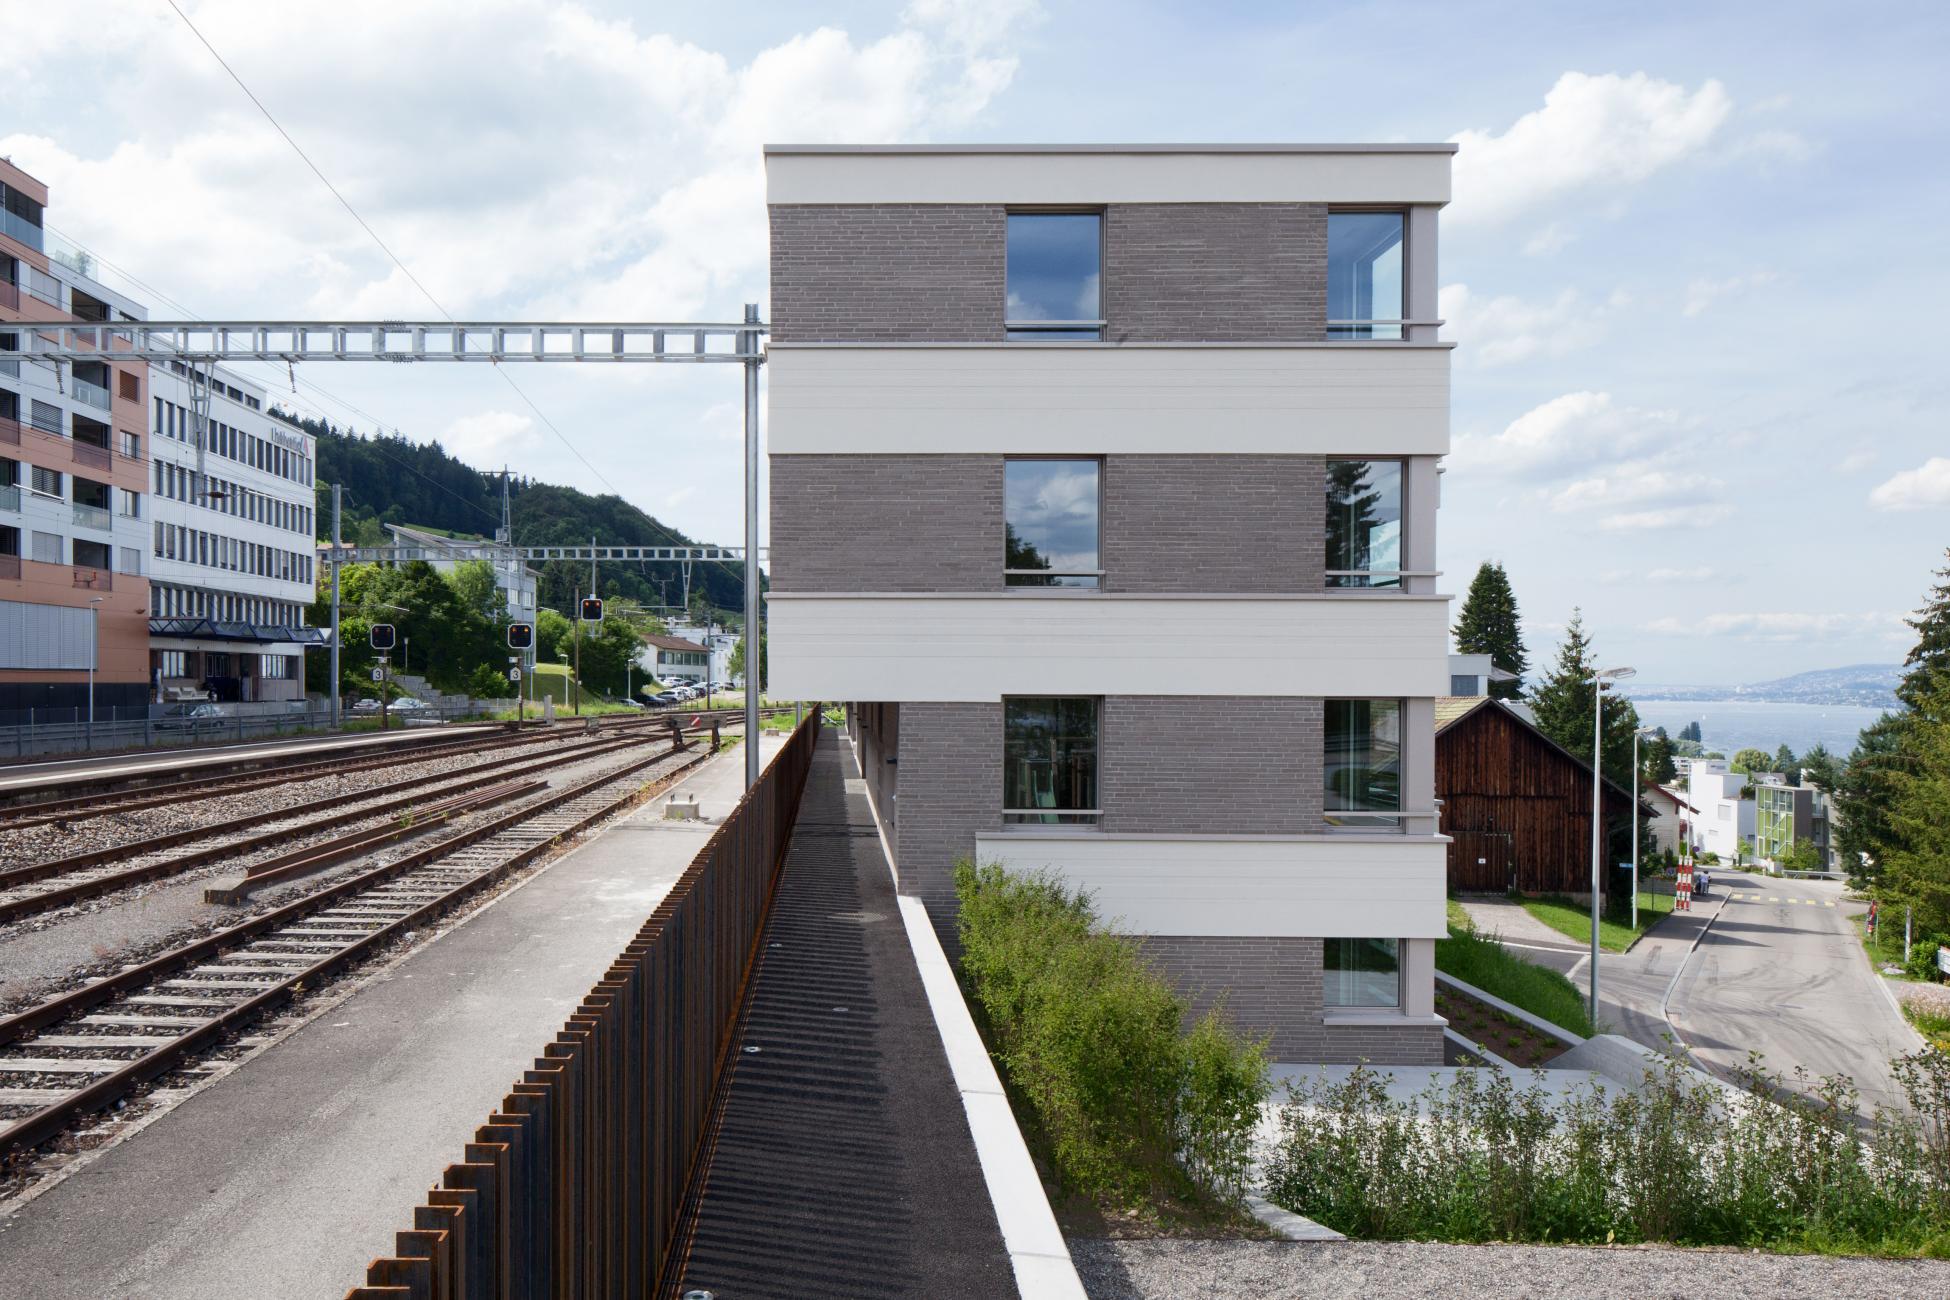 3-stöckiger viereckiger Wohnblock neben Bahngleisen mit erhöhter Schallschutzanforderung